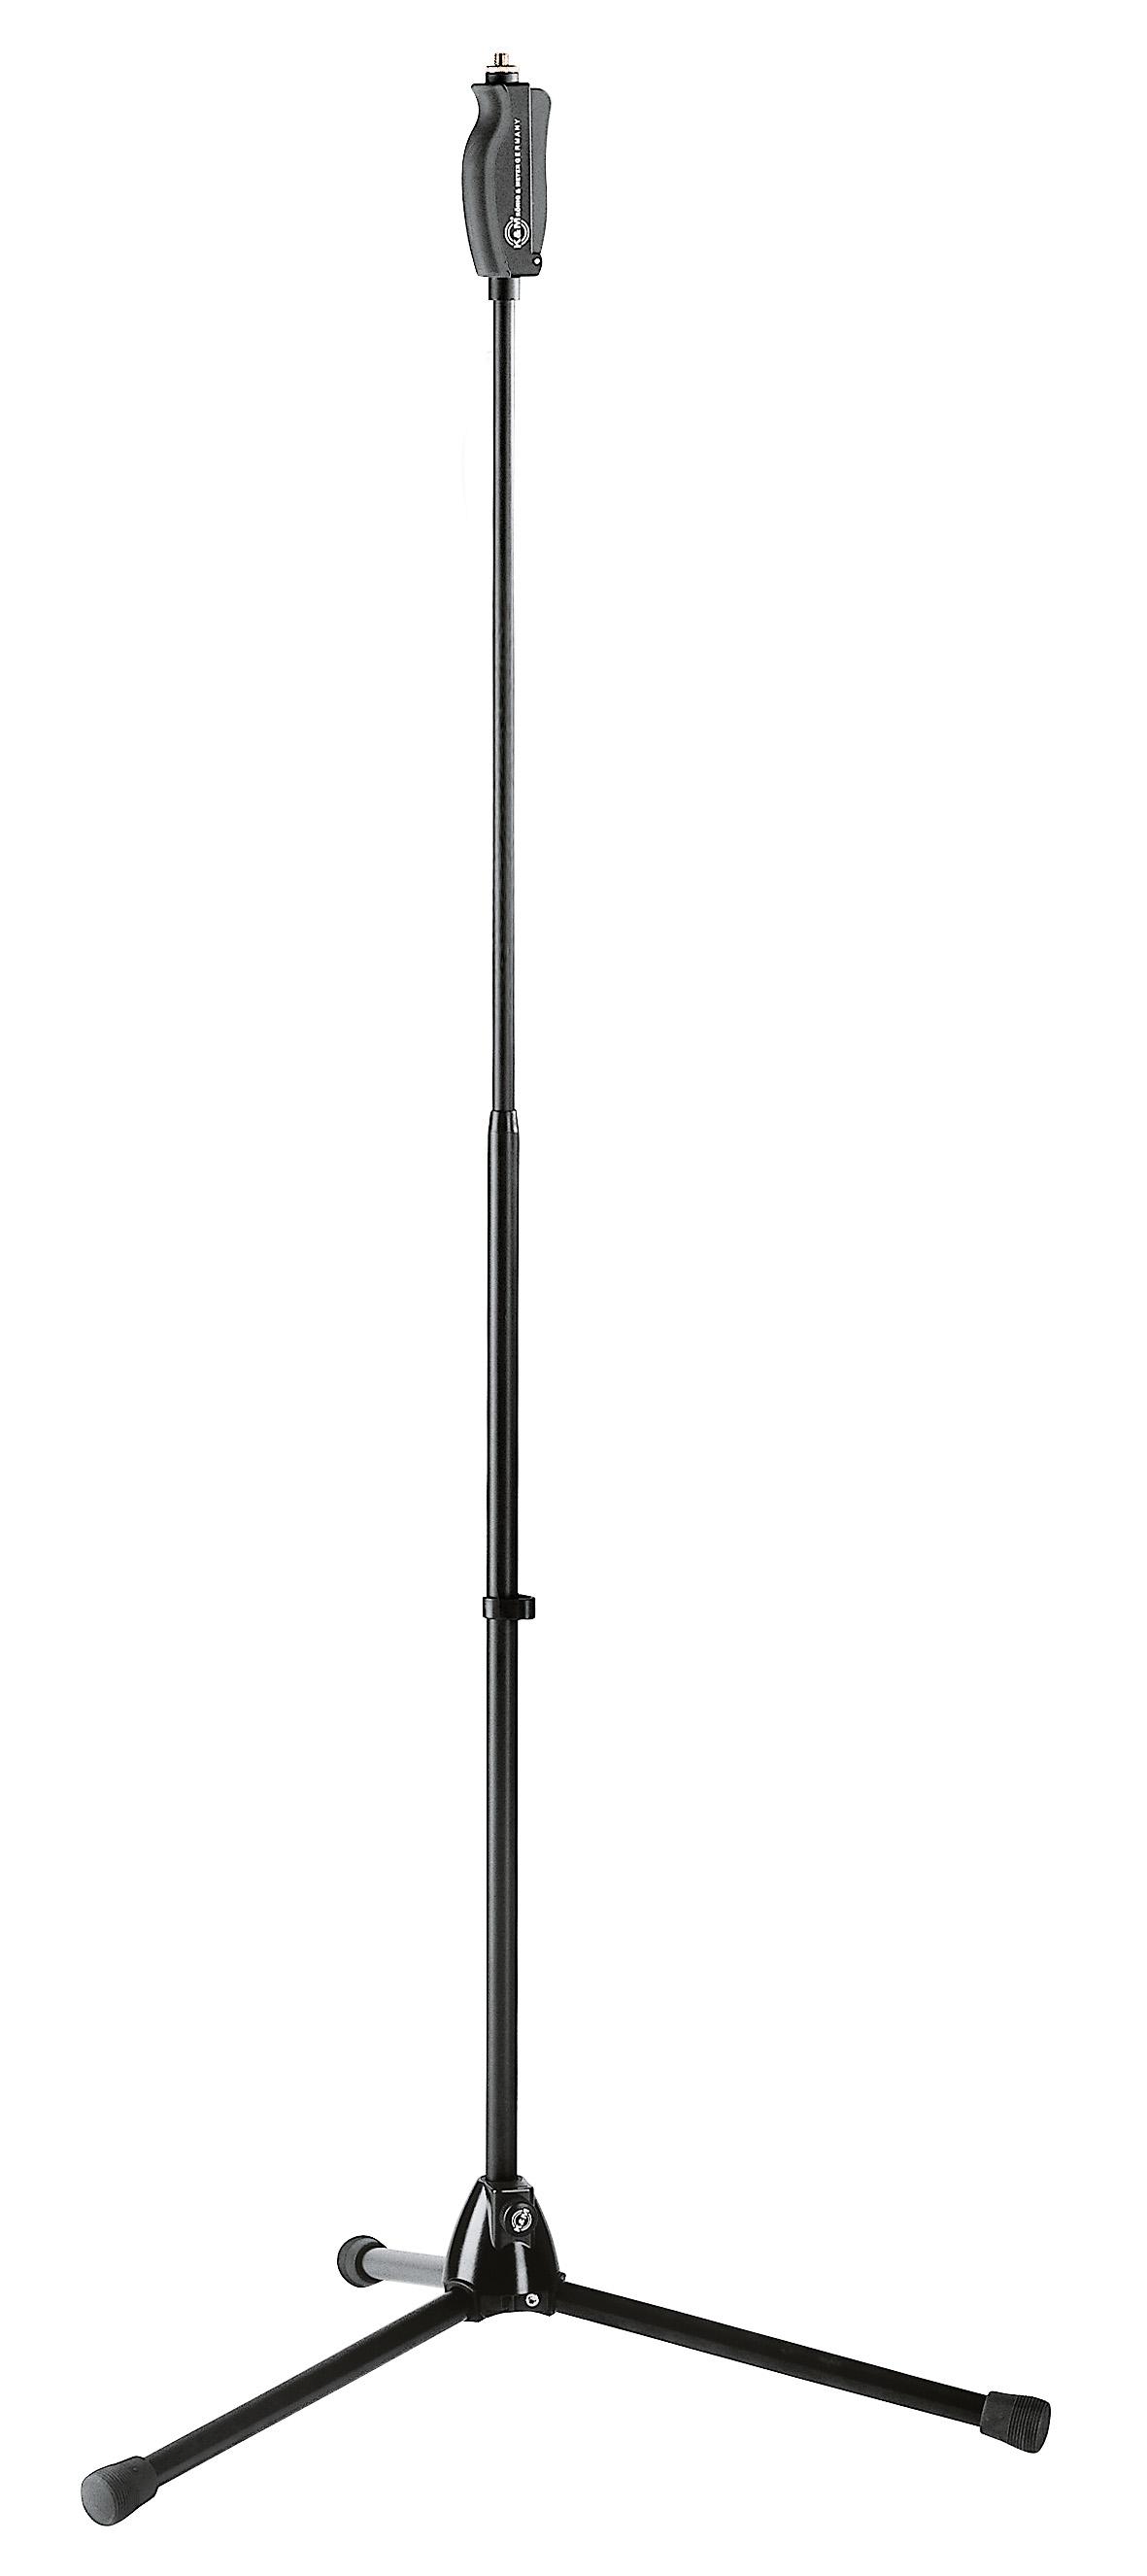 Image of   K&M mikrofonstativ 1-hånds, Sort